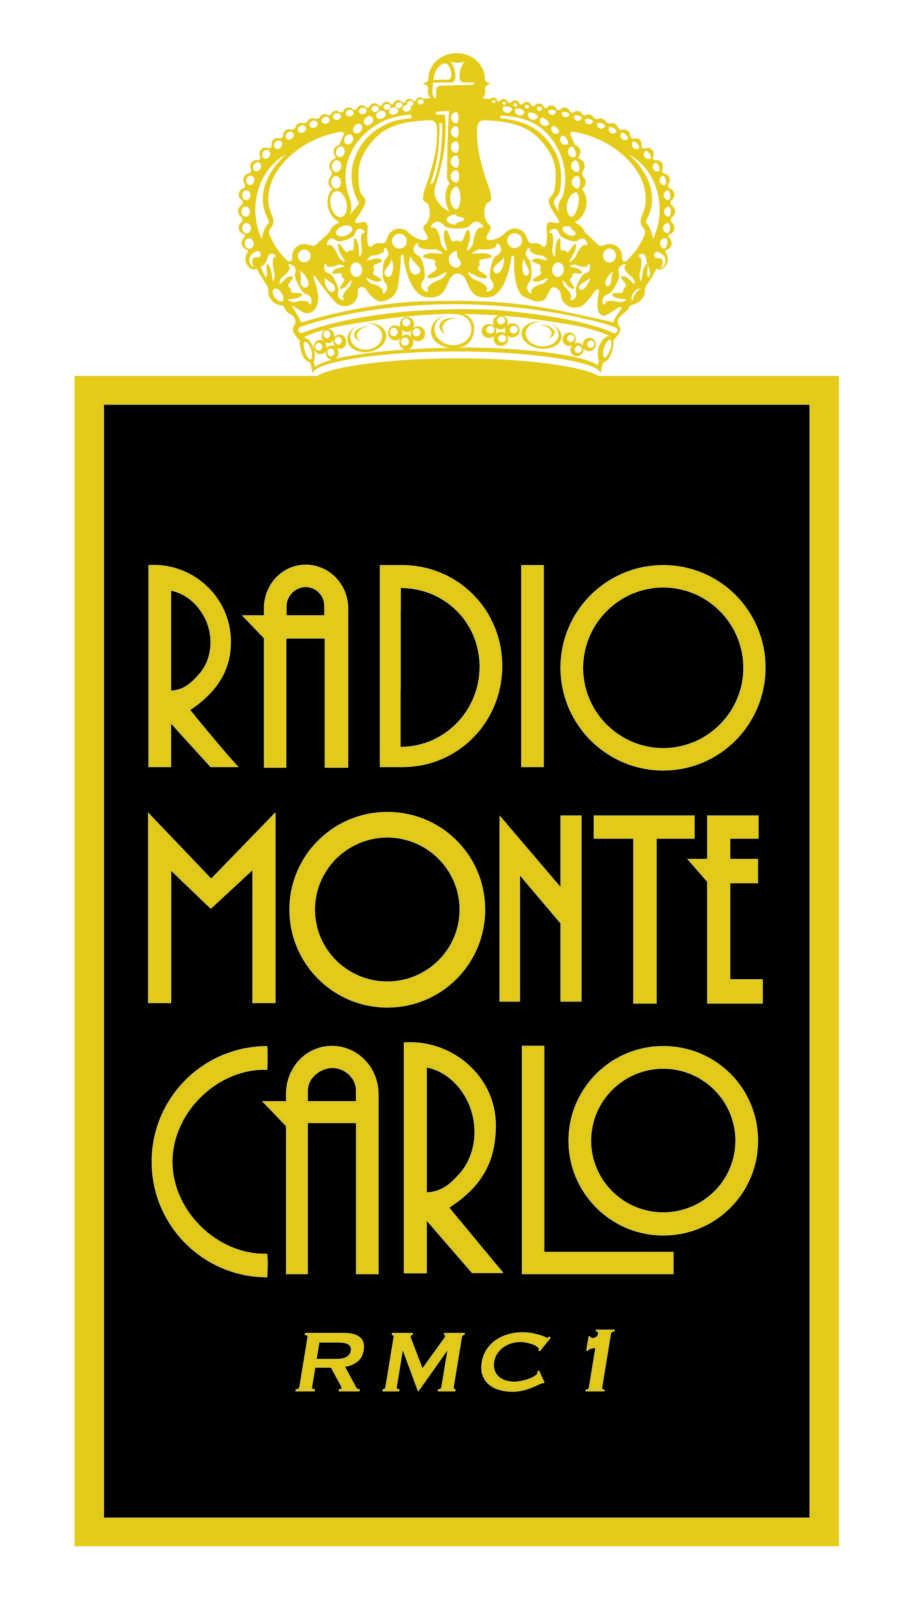 Masterchef: Radio Monte Carlo è radio ufficiale del programma di Sky | Digitale terrestre: Dtti.it